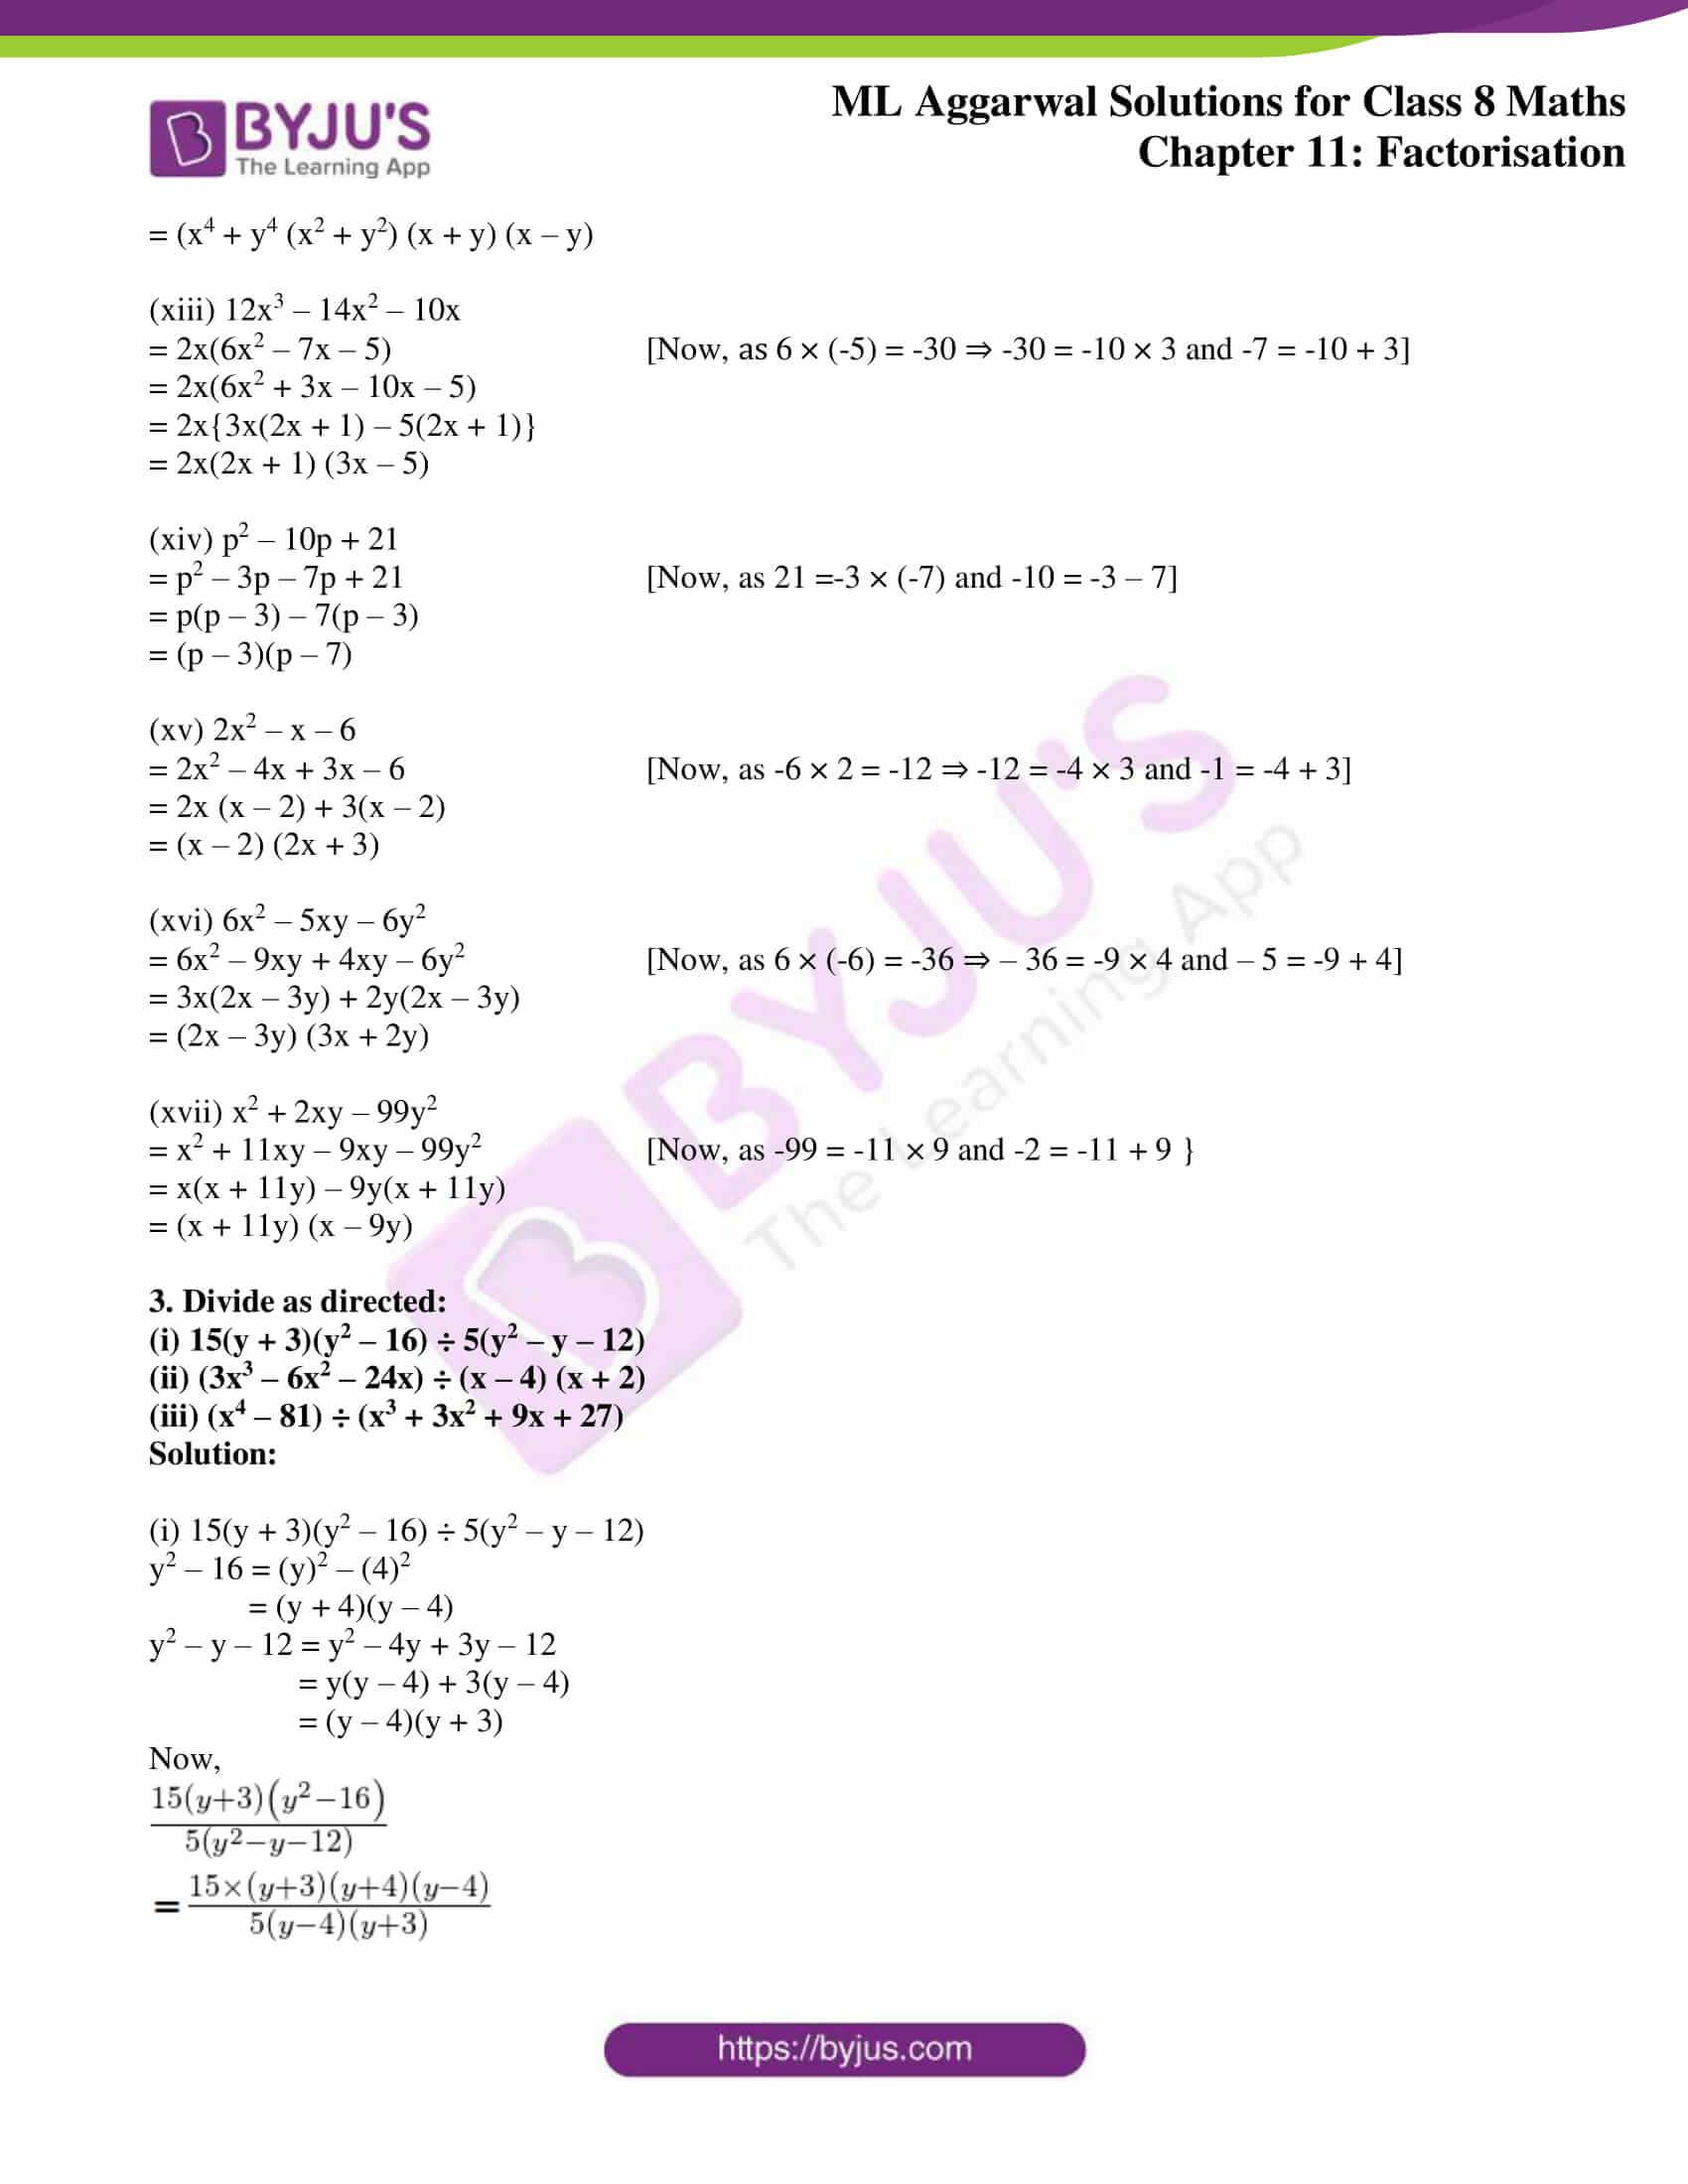 ml aggarwal sol mathematics class 8 ch 11 20